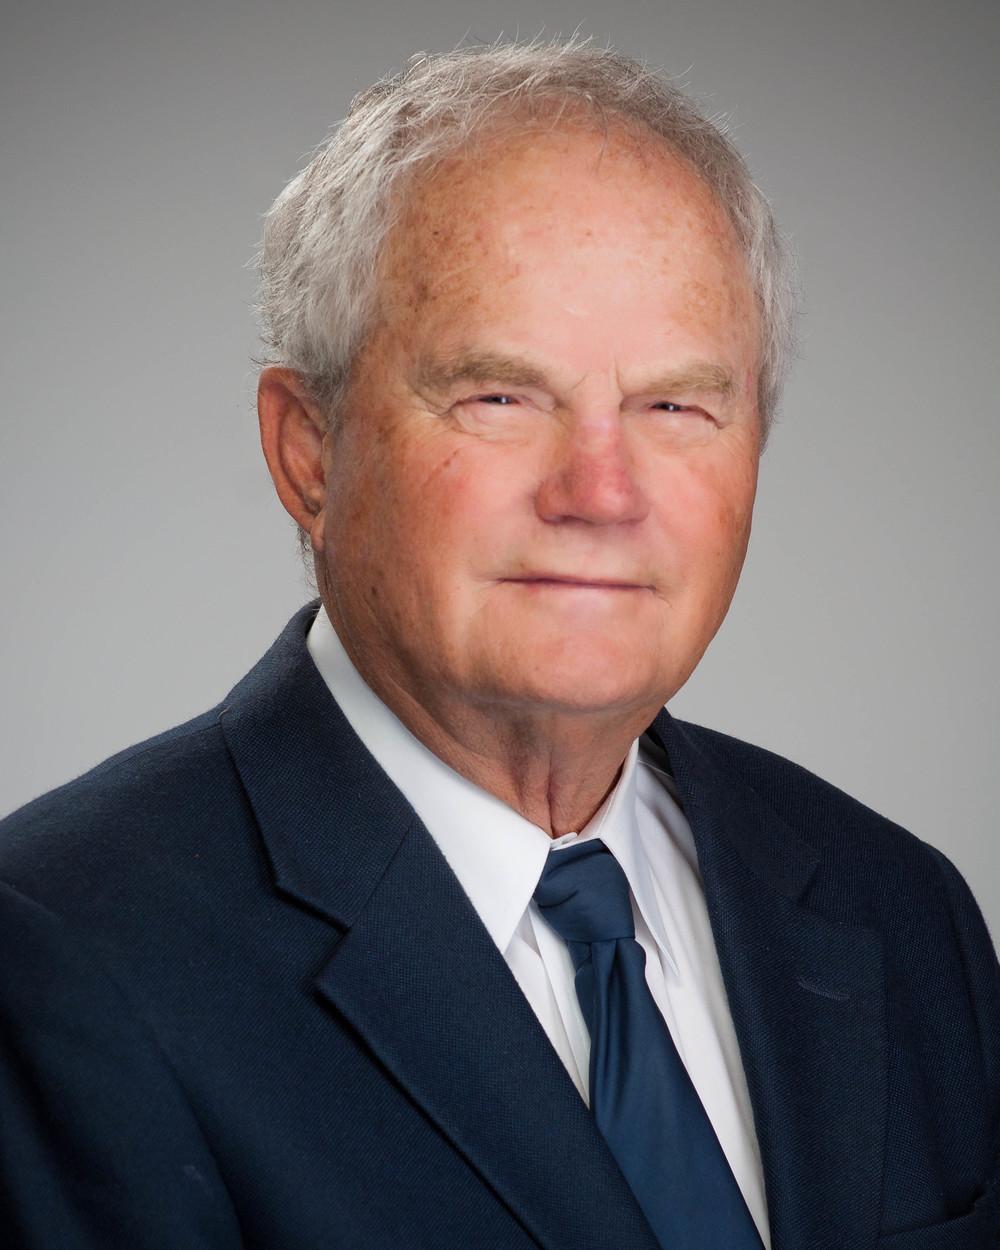 JOHN SUBY, President